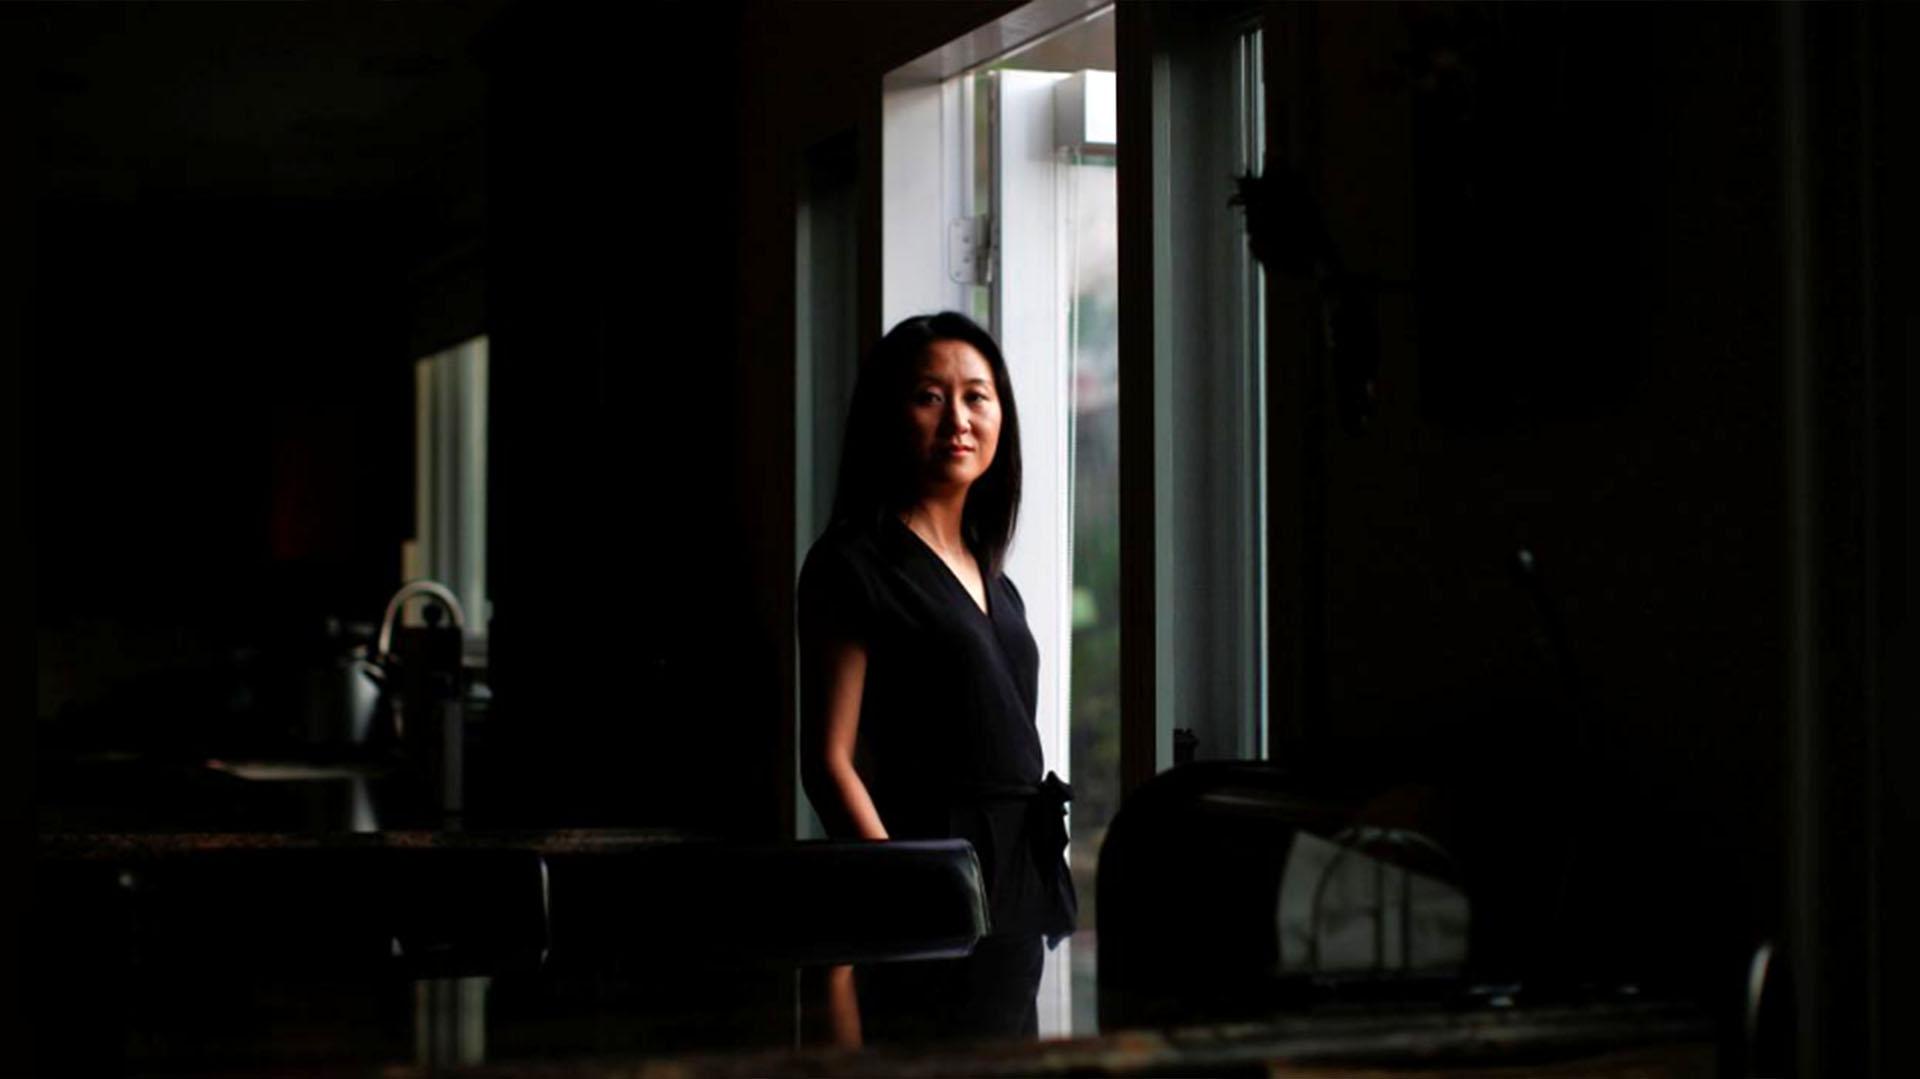 Luo Qianqian en San Francisco el 28 de enero de 2018 (Reuters)